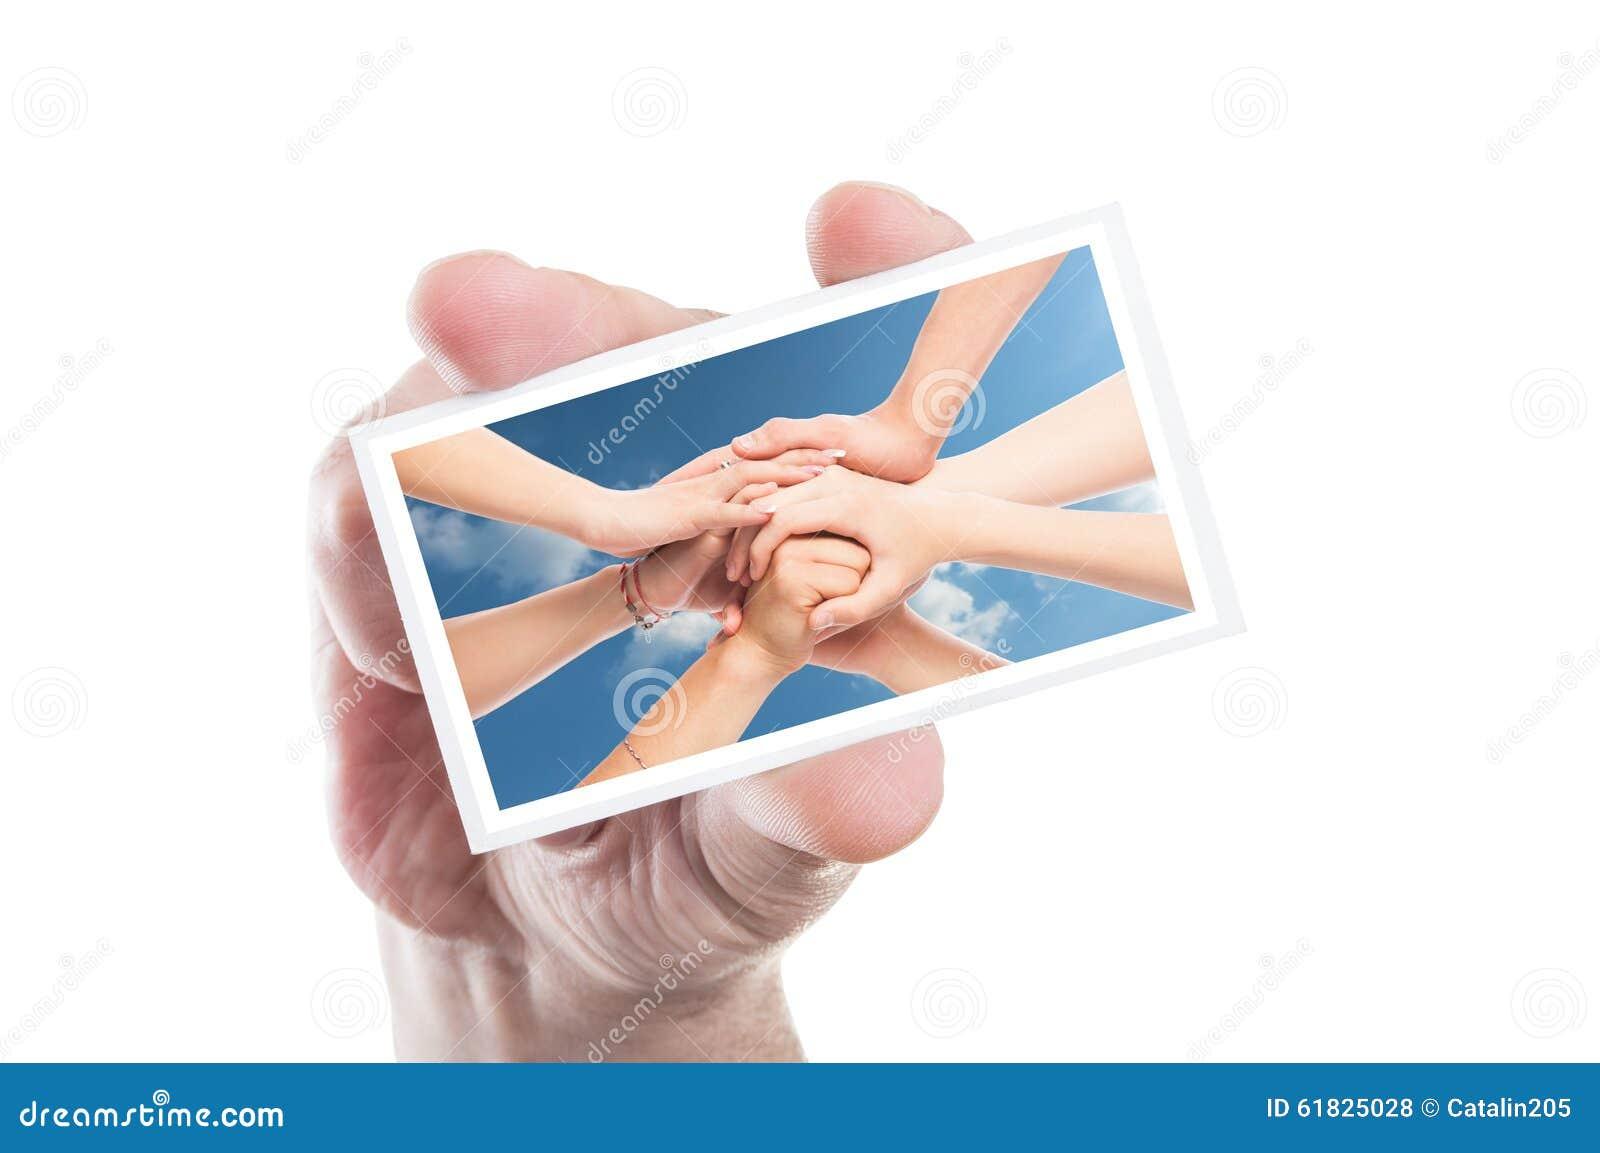 Carte de volontaire de participation de main avec les mains jointives comme fond